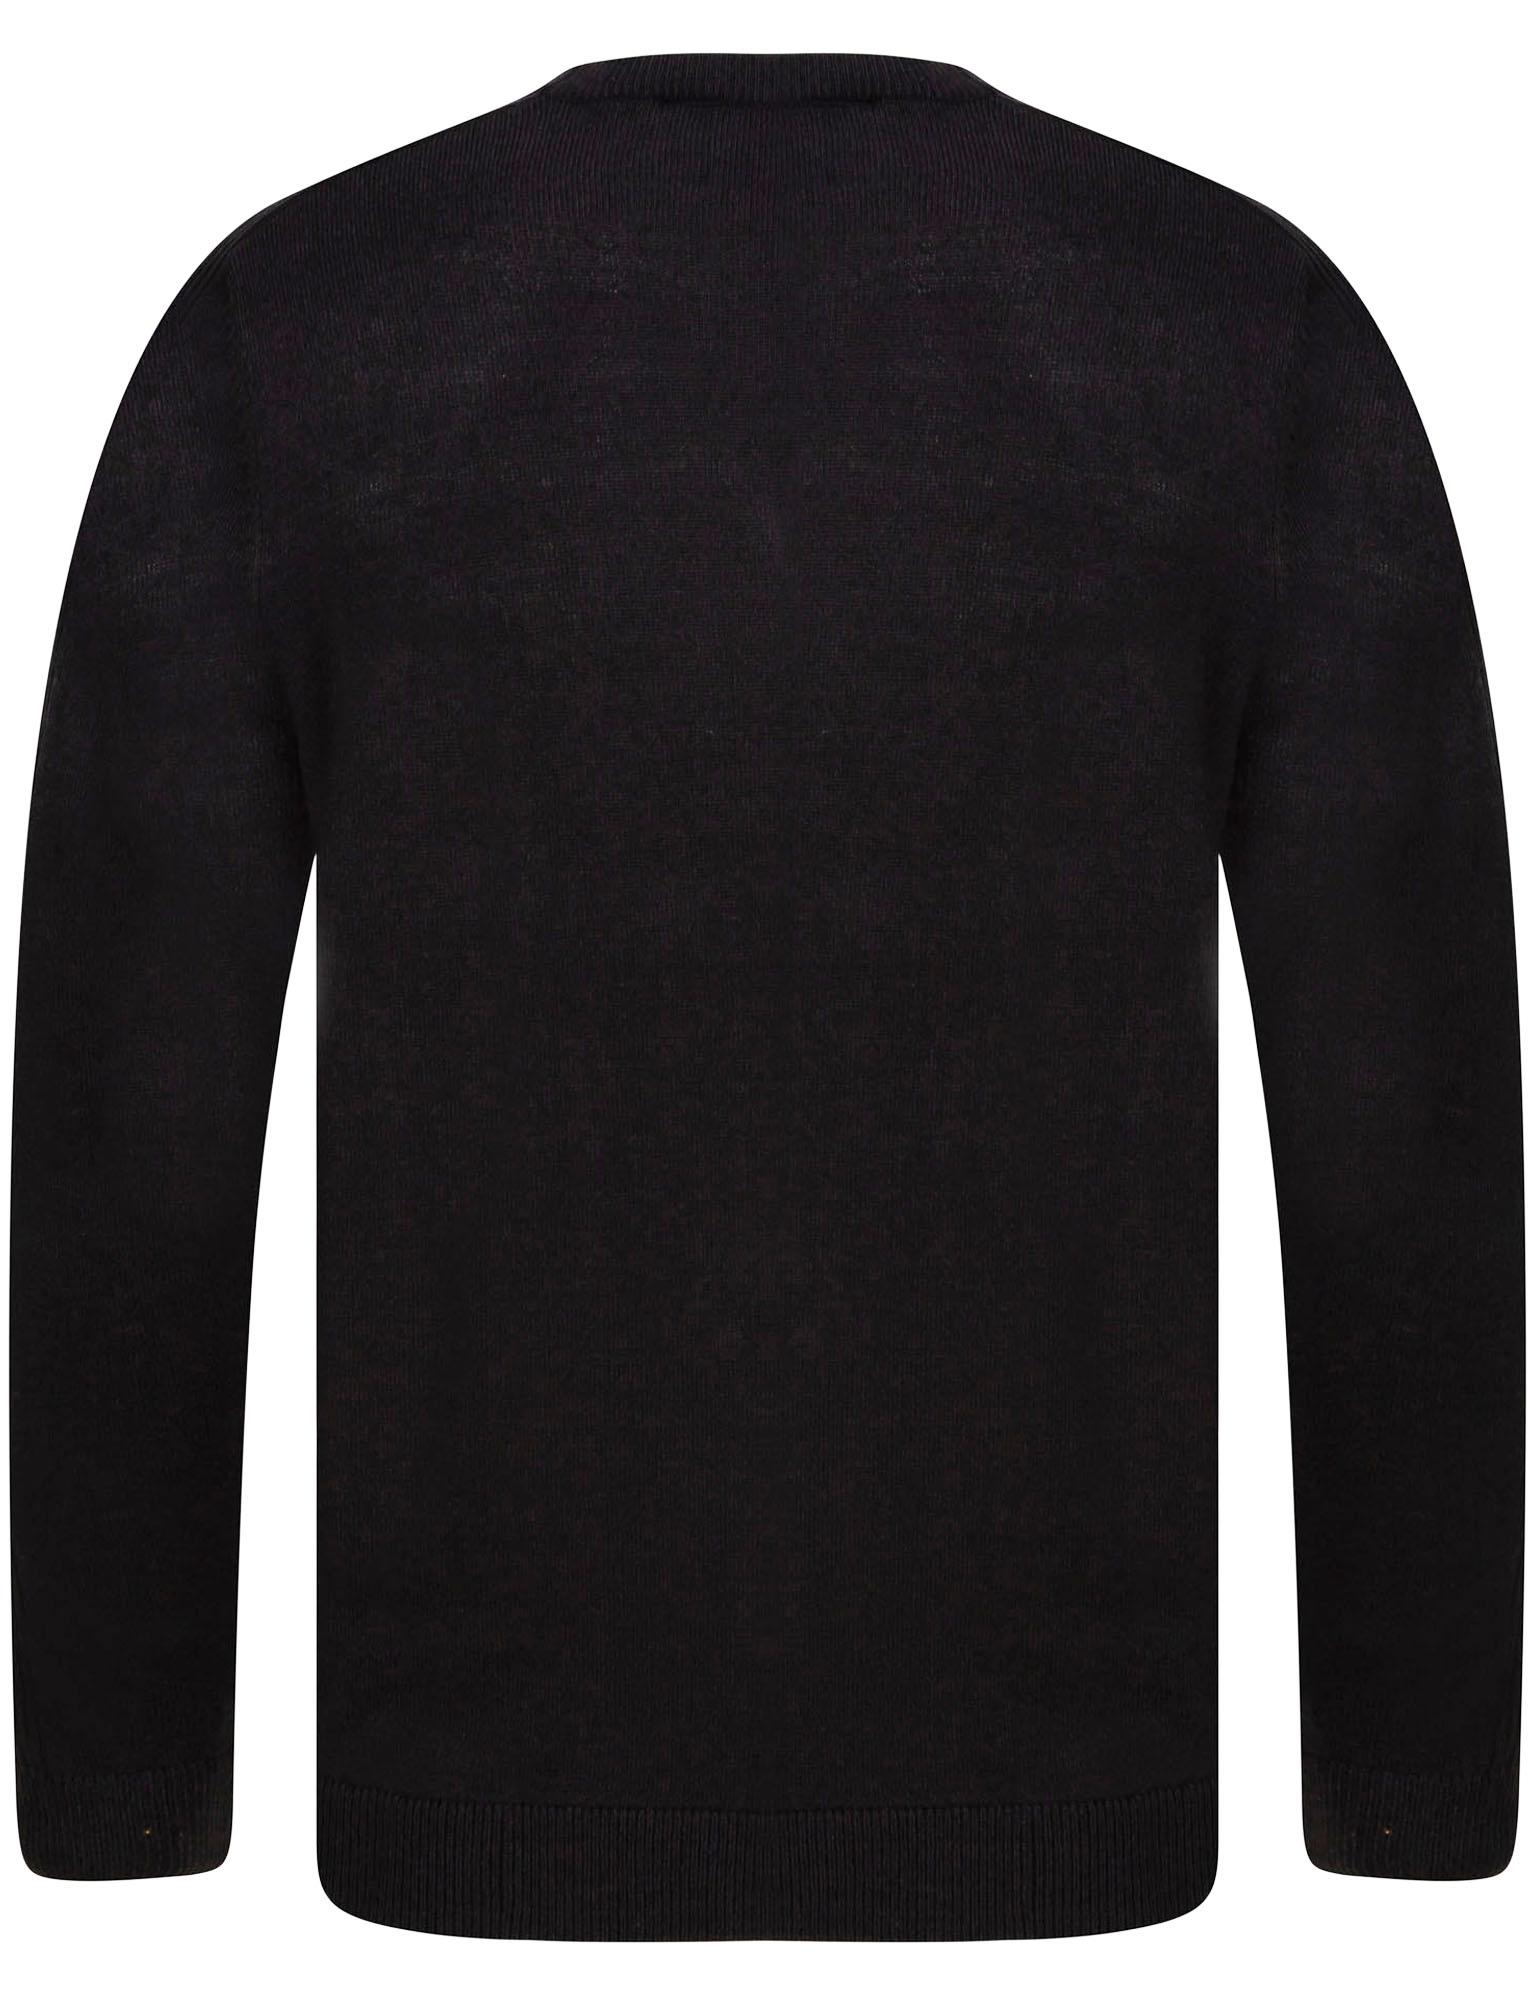 Kensington-Eastside-Men-039-s-Knitted-Crew-or-V-Neck-Jumper-Sweater-Top-Pullover thumbnail 65